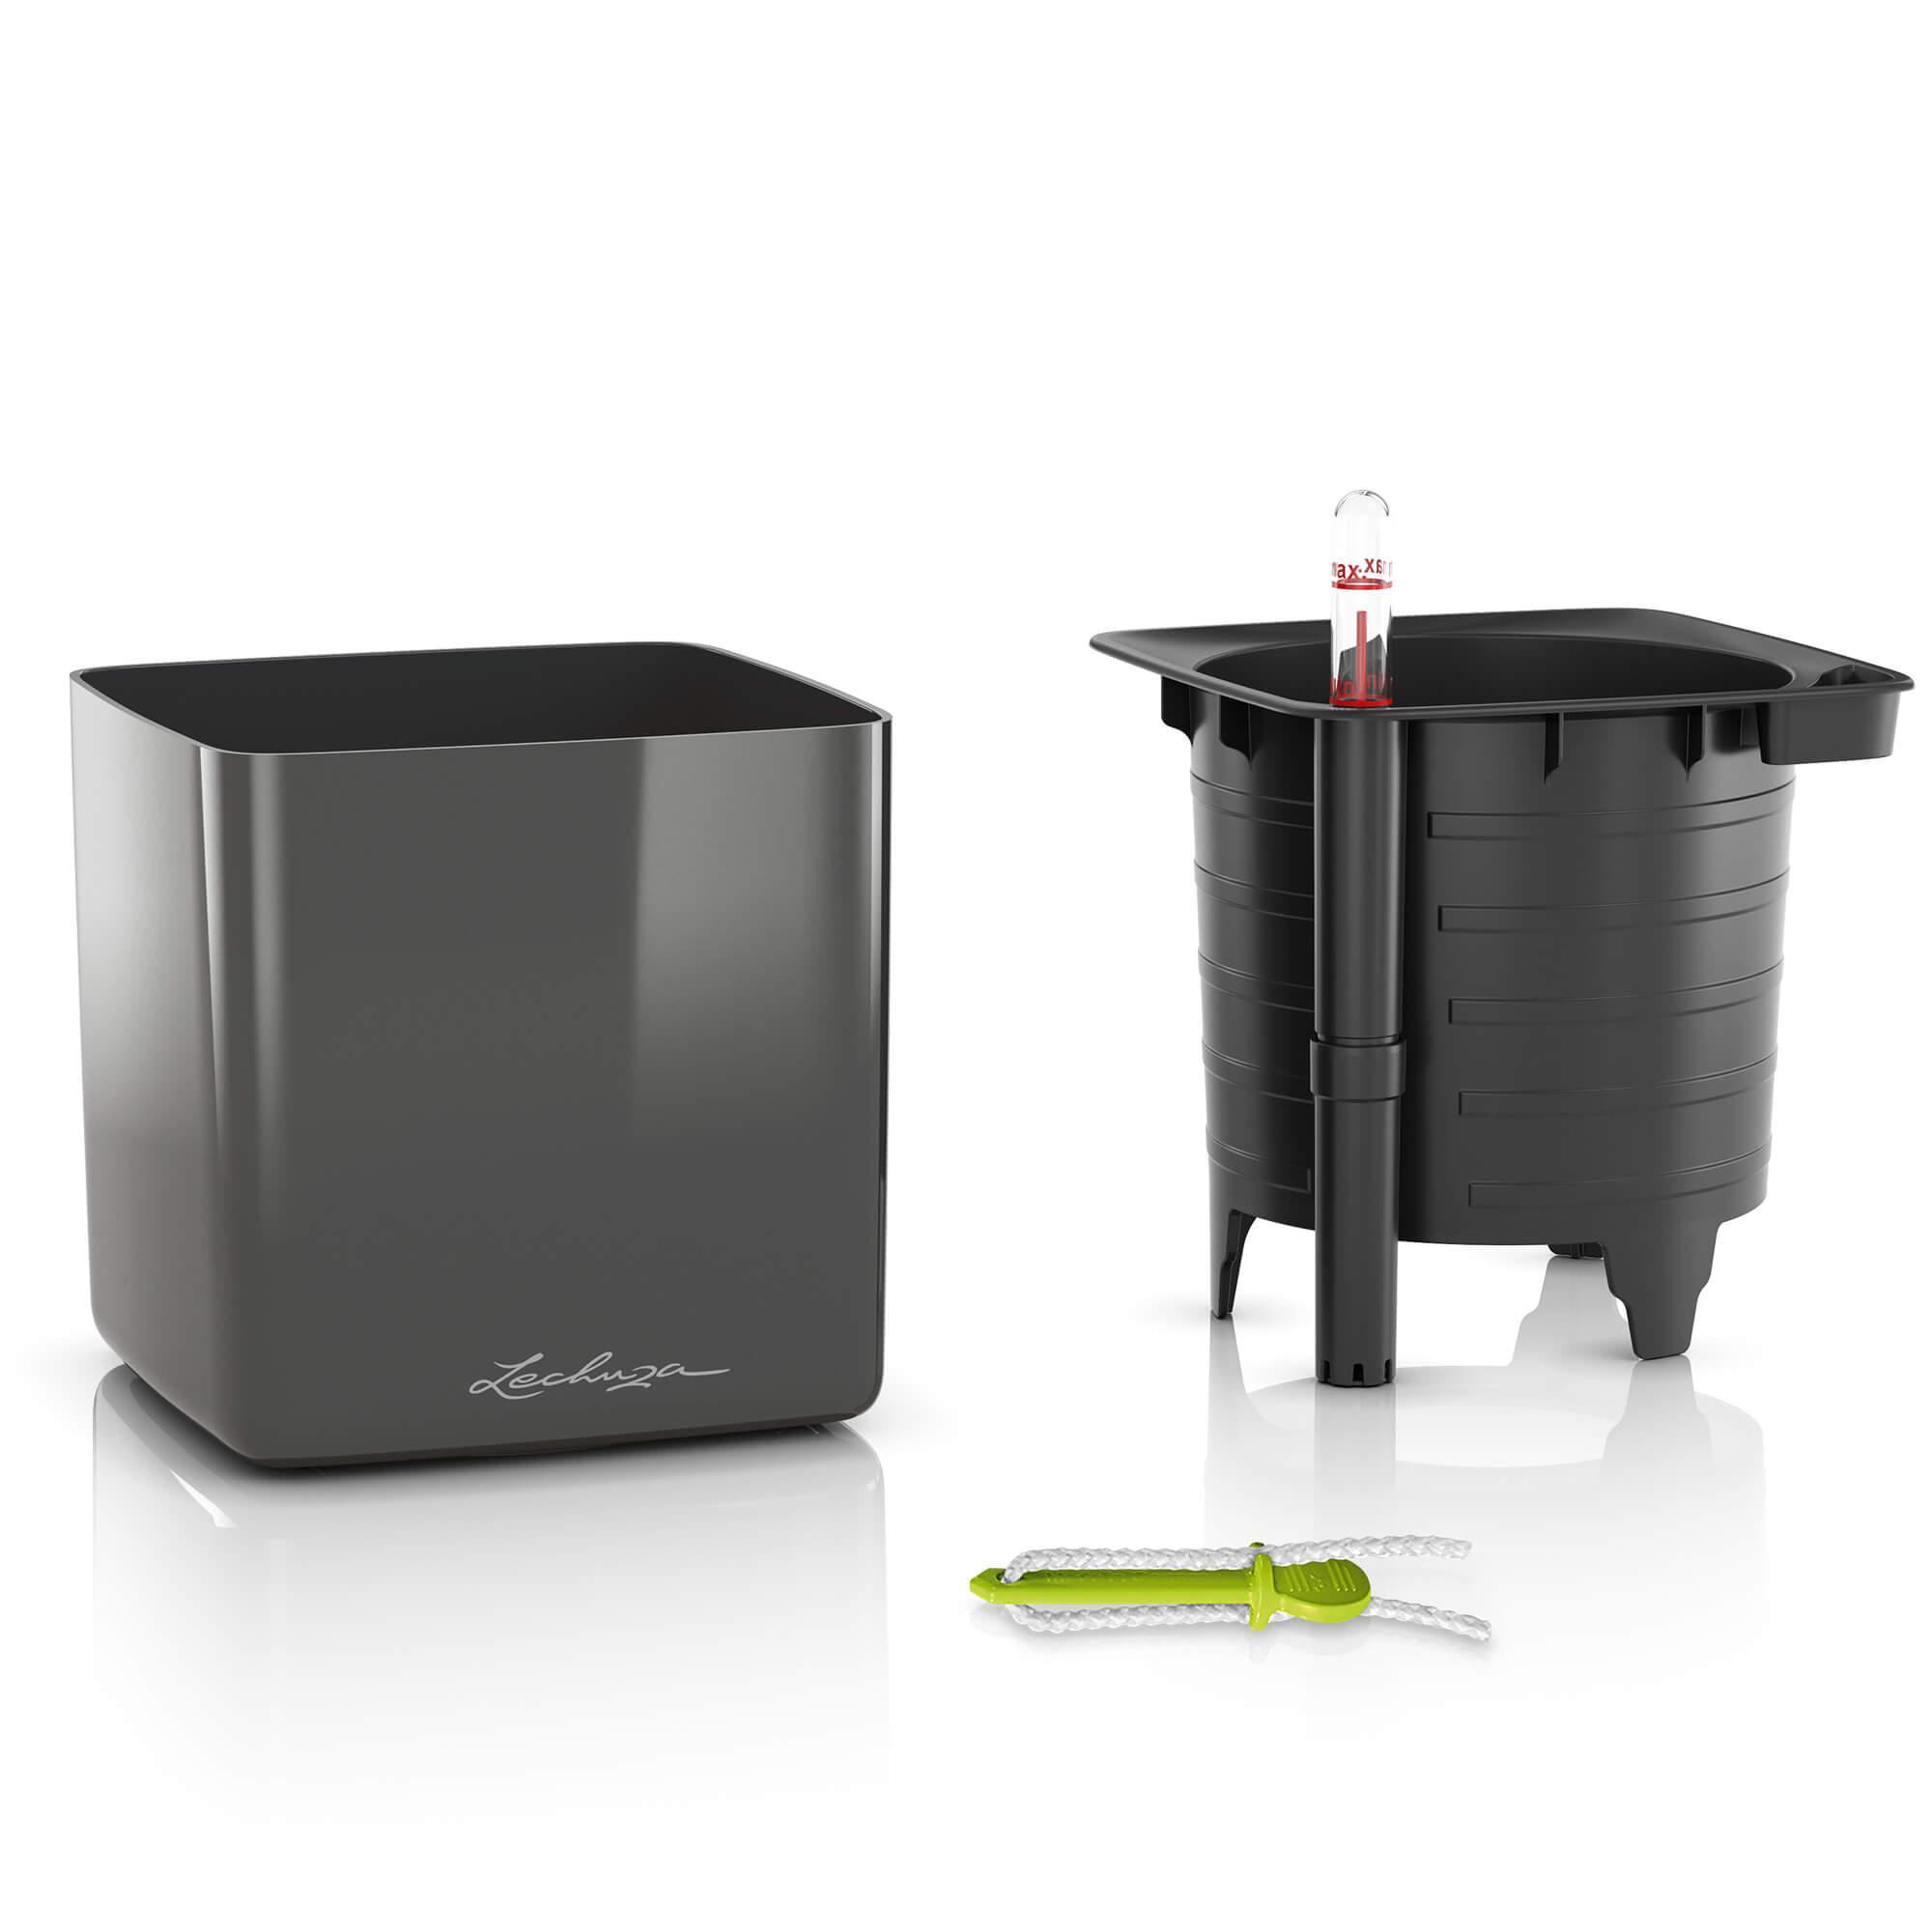 le_cube-glossy_product_addi_aio